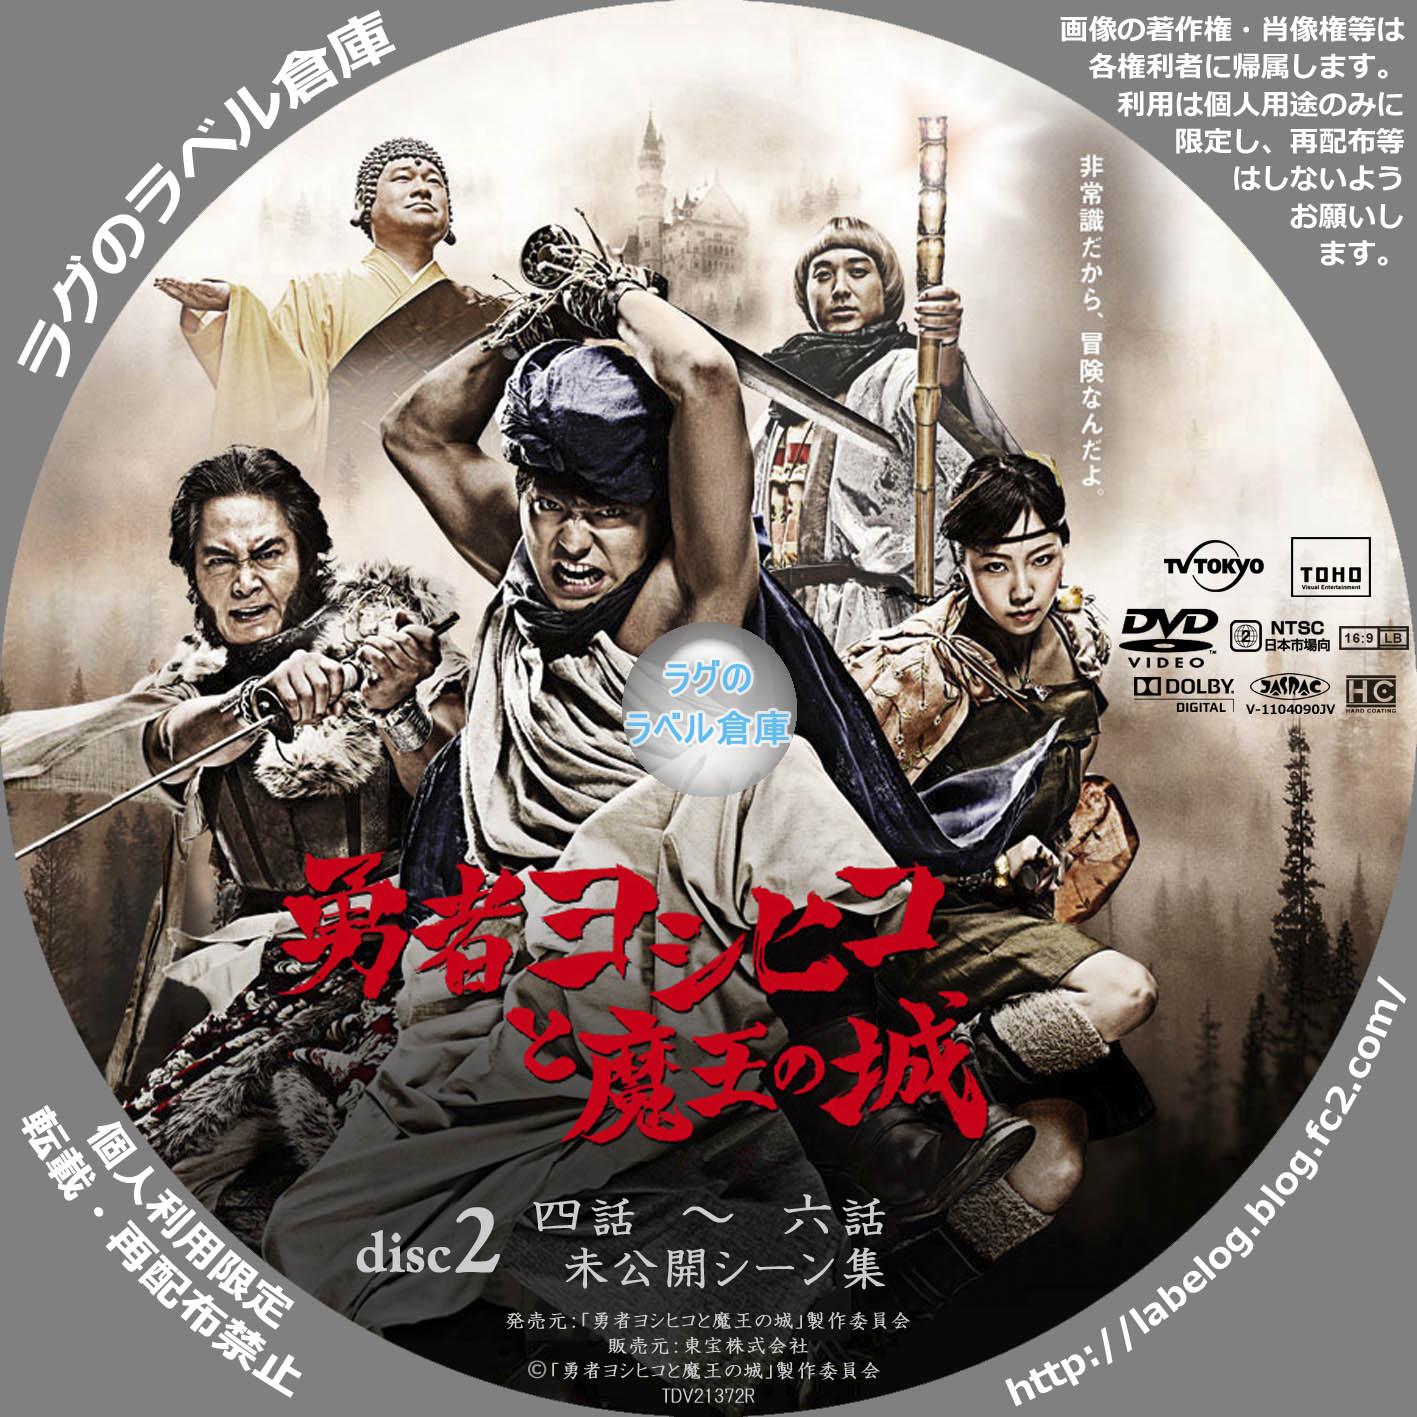 勇者ヨシヒコ ラグの CD / DVD /...